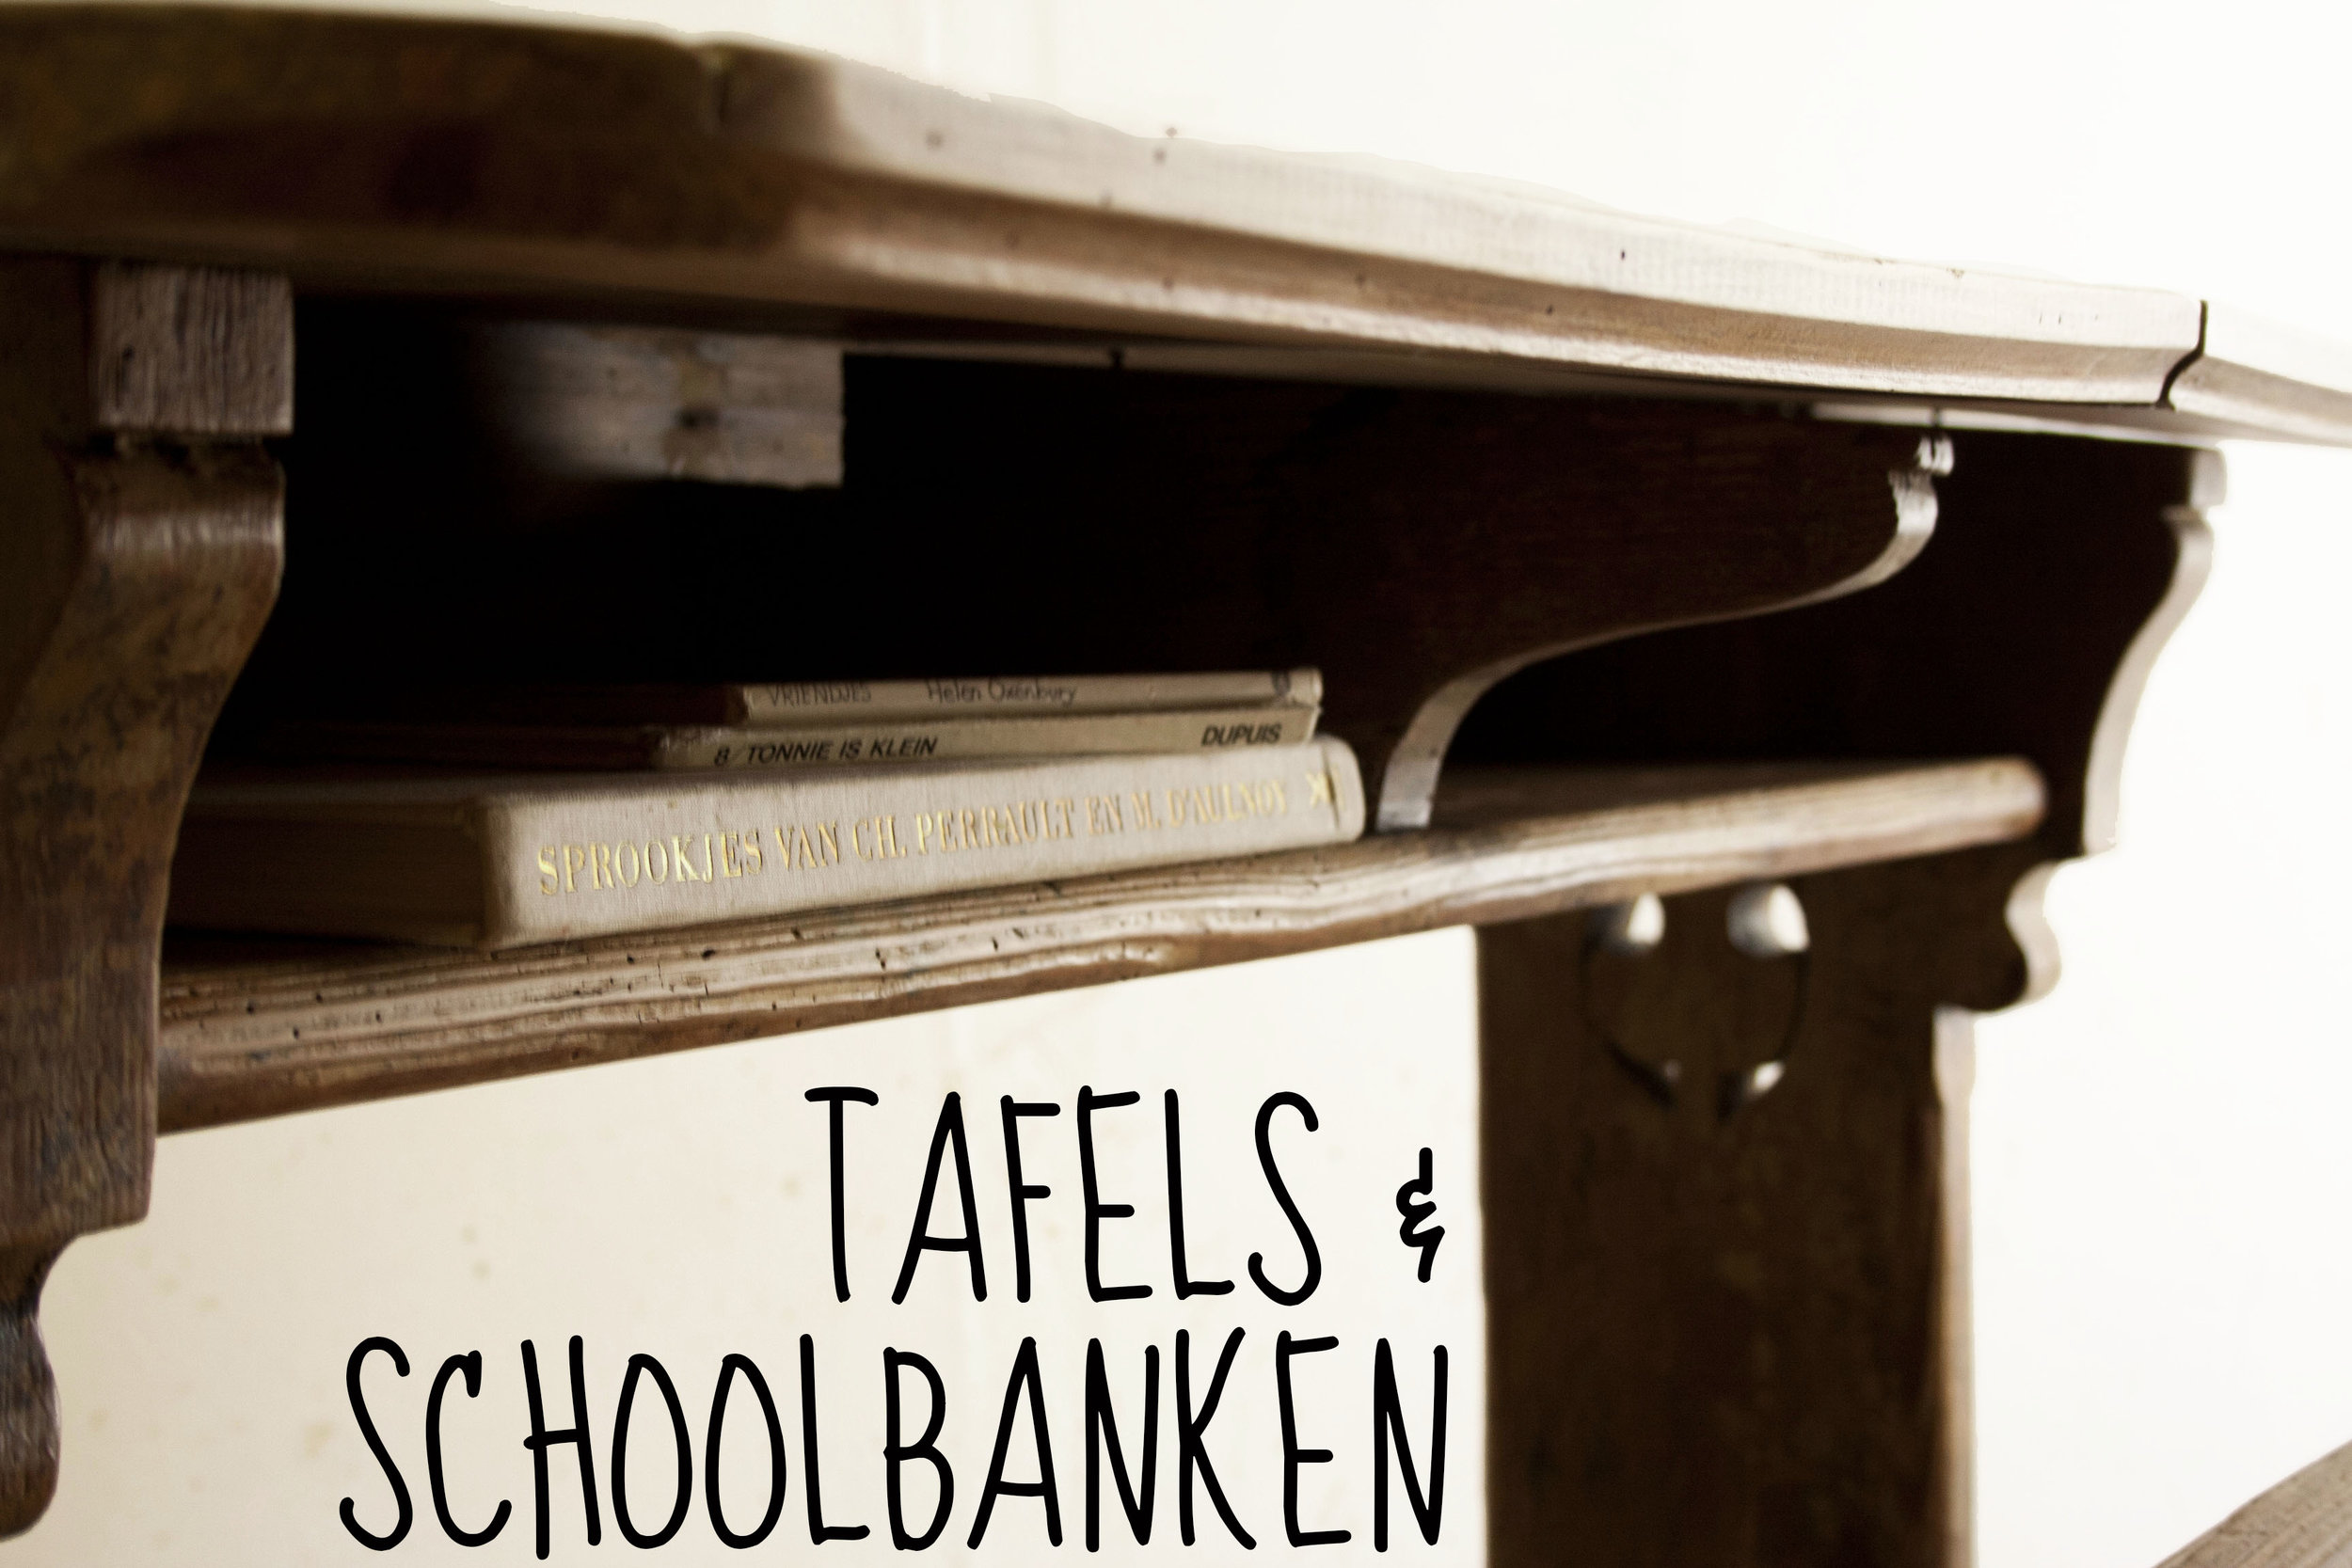 TAFELS EN SCHOOLBANKEN - Firma Zoethout